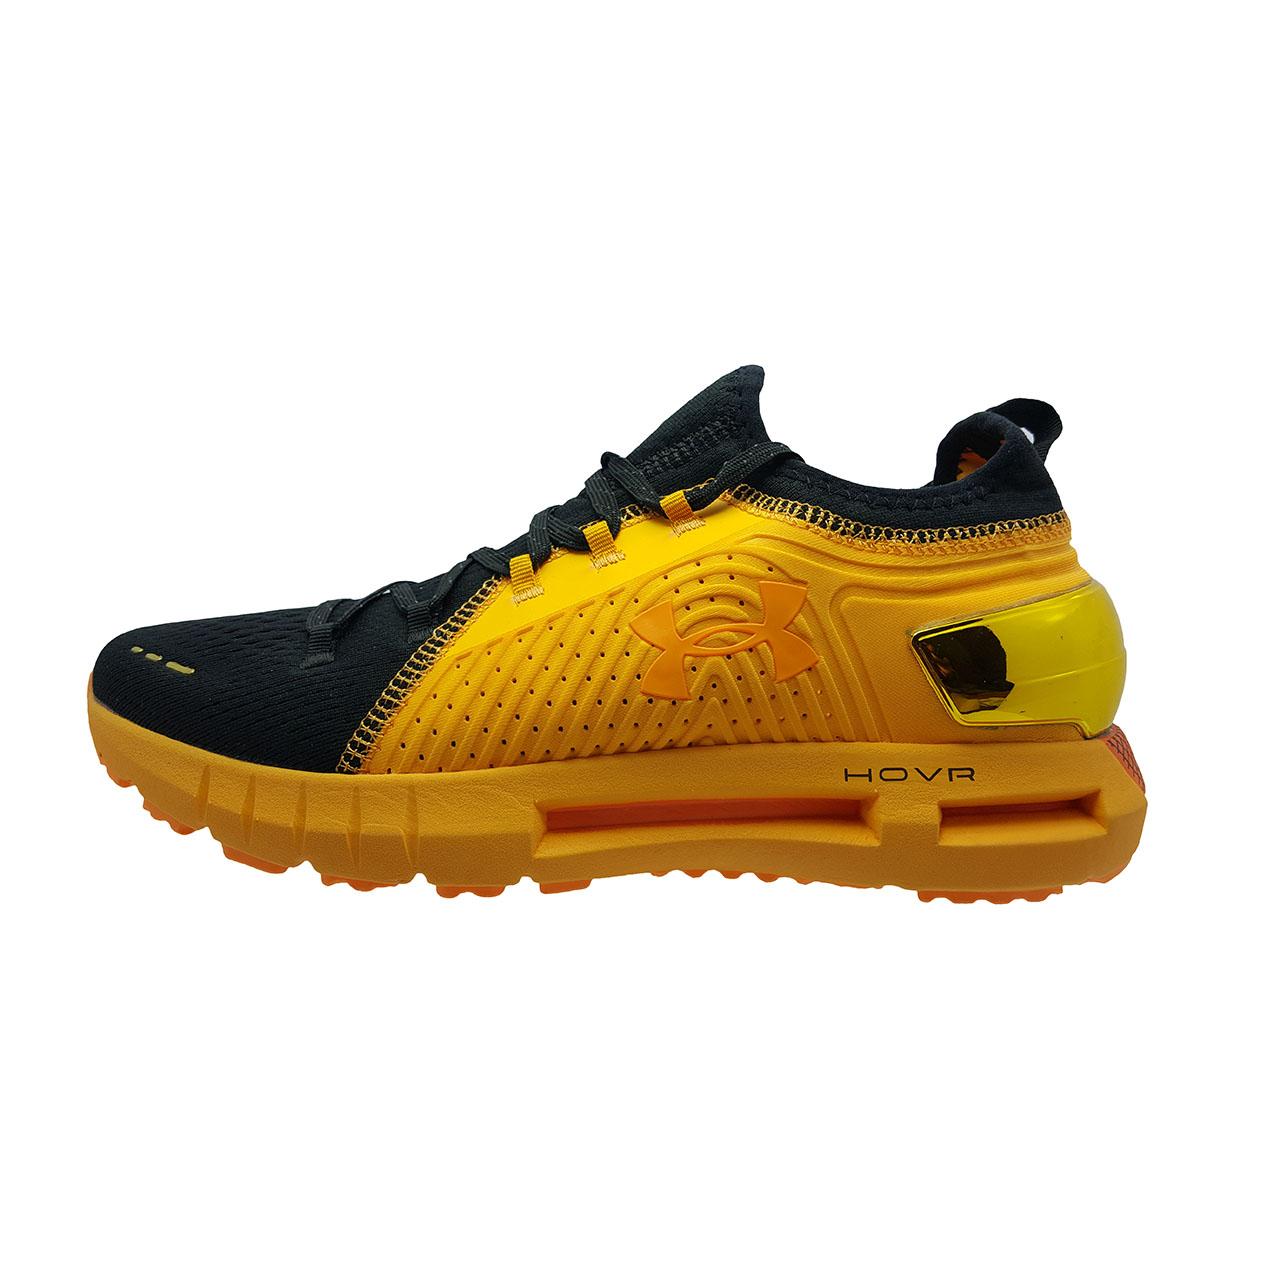 خرید                      کفش مخصوص پیاده روی مردانه آندرآرمور مدل HOVR Phantom               👟